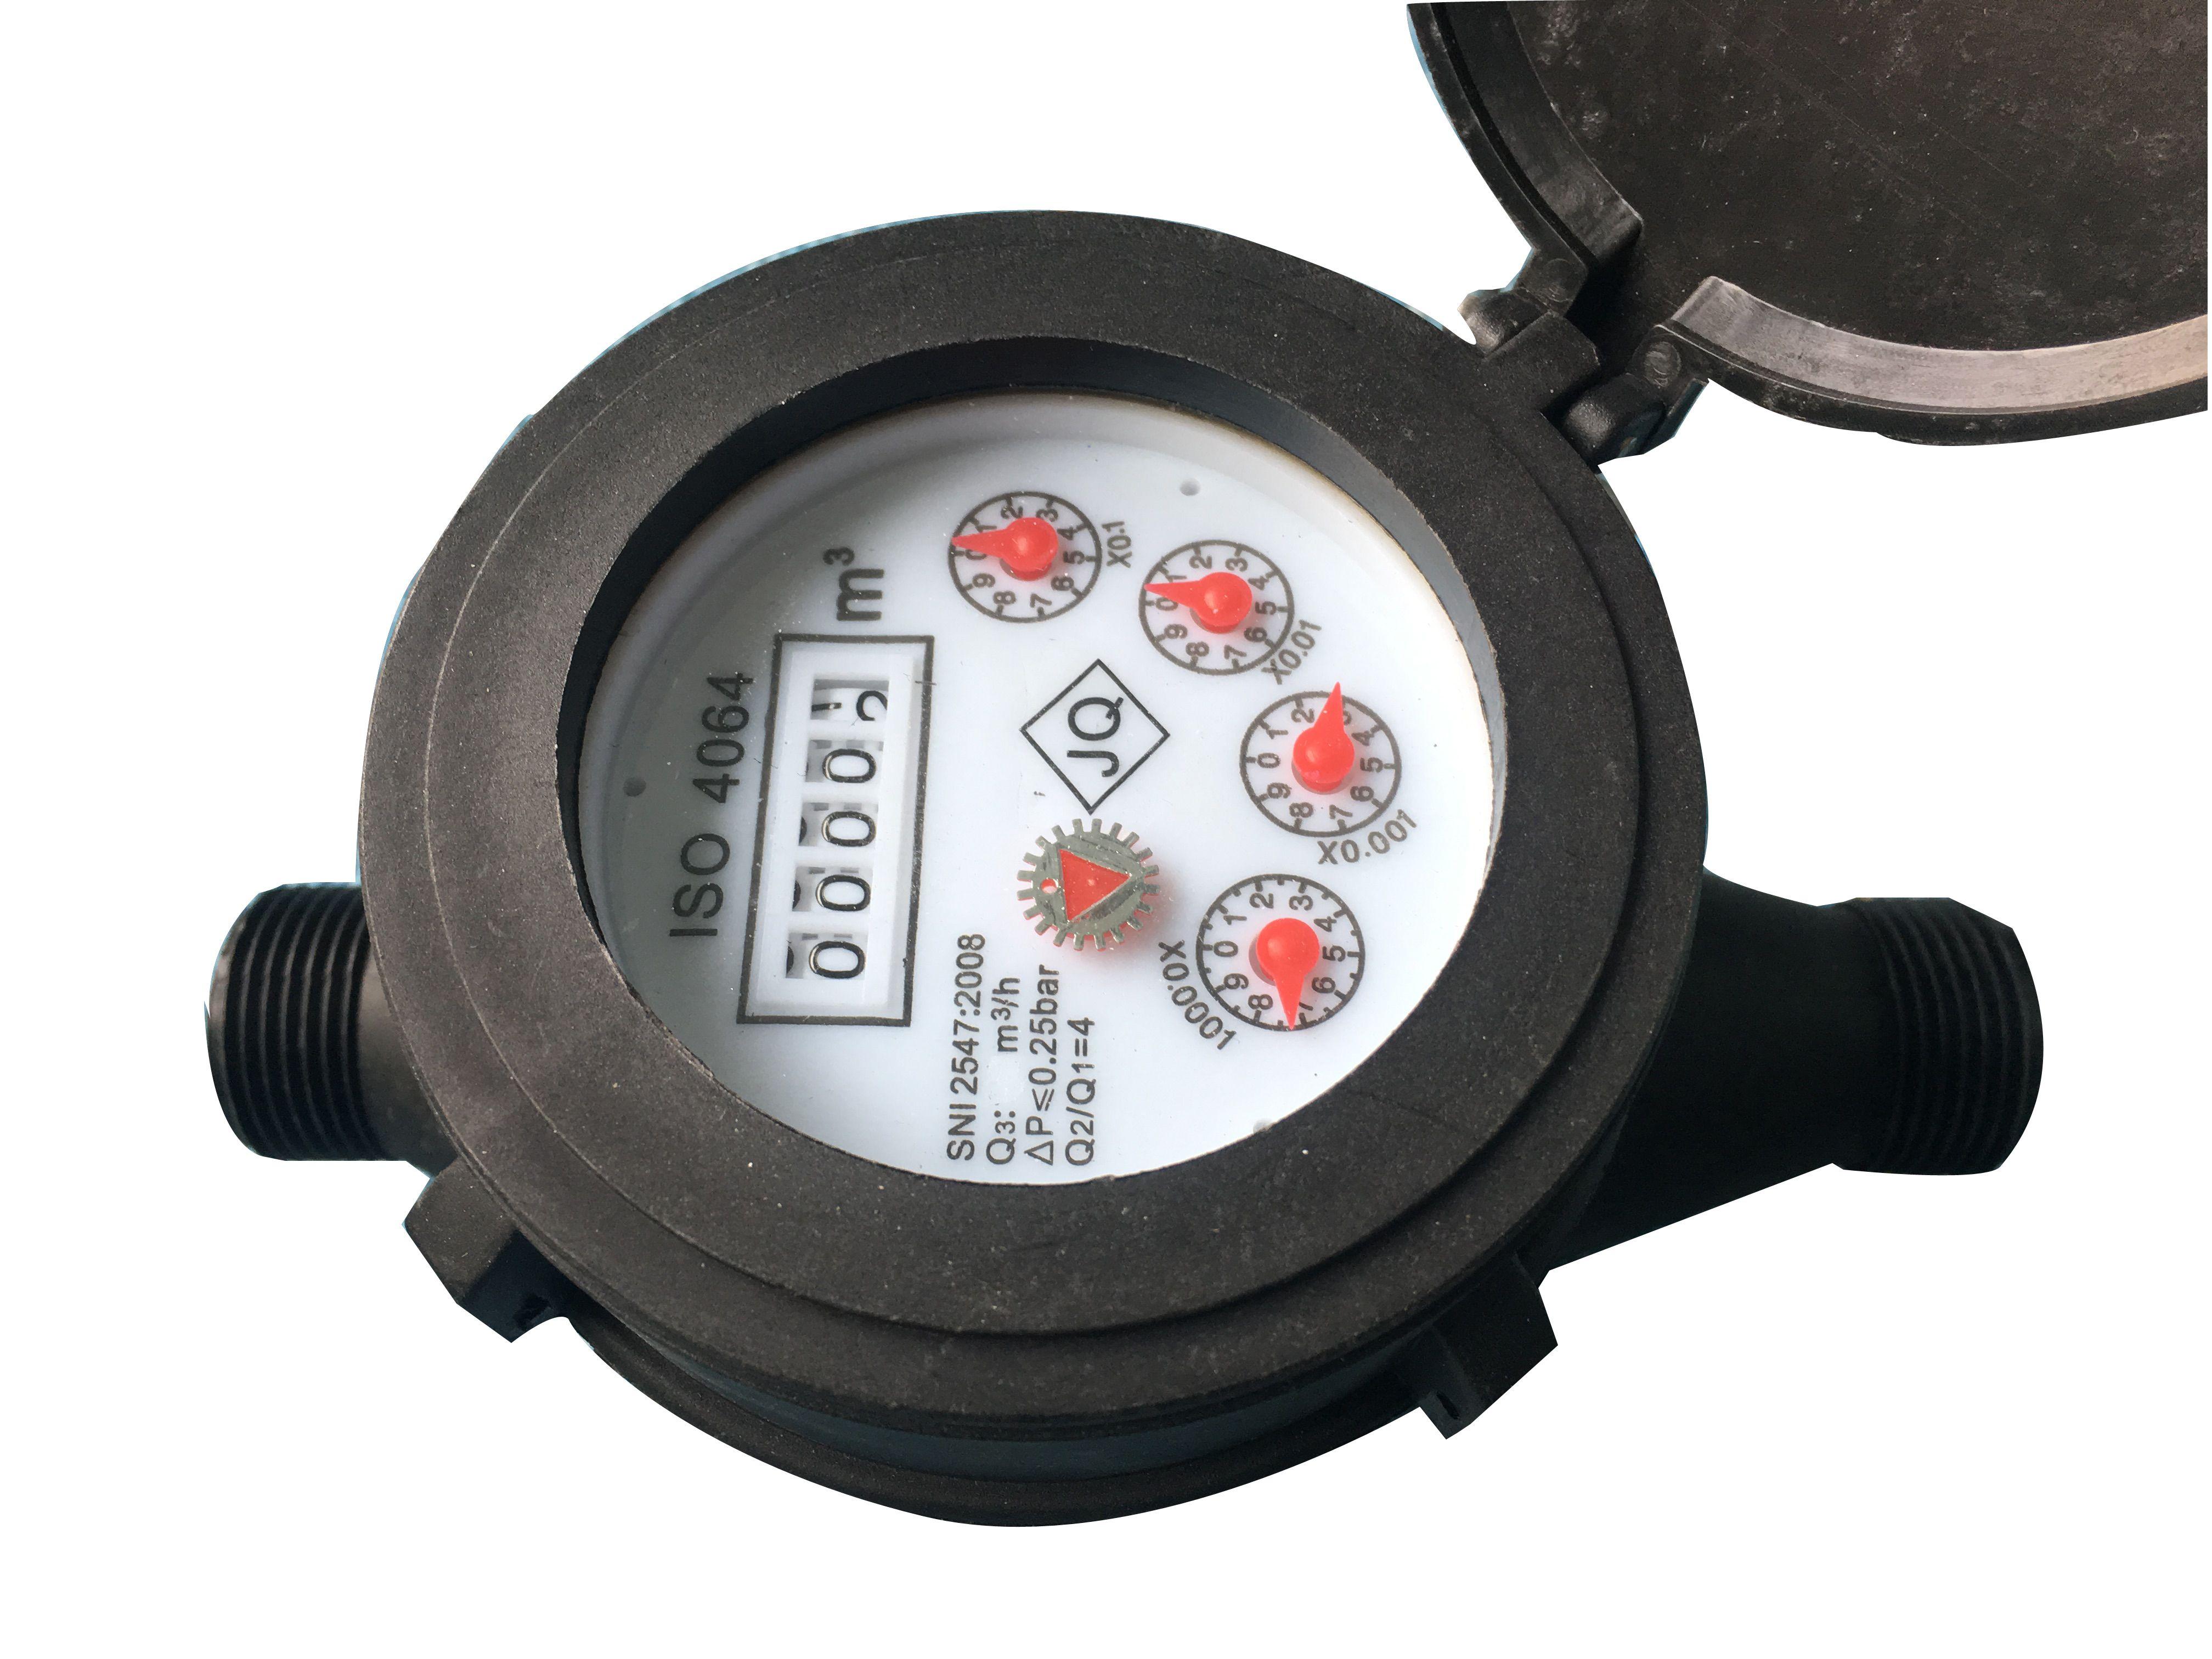 Pin On Single Jet Water Meter